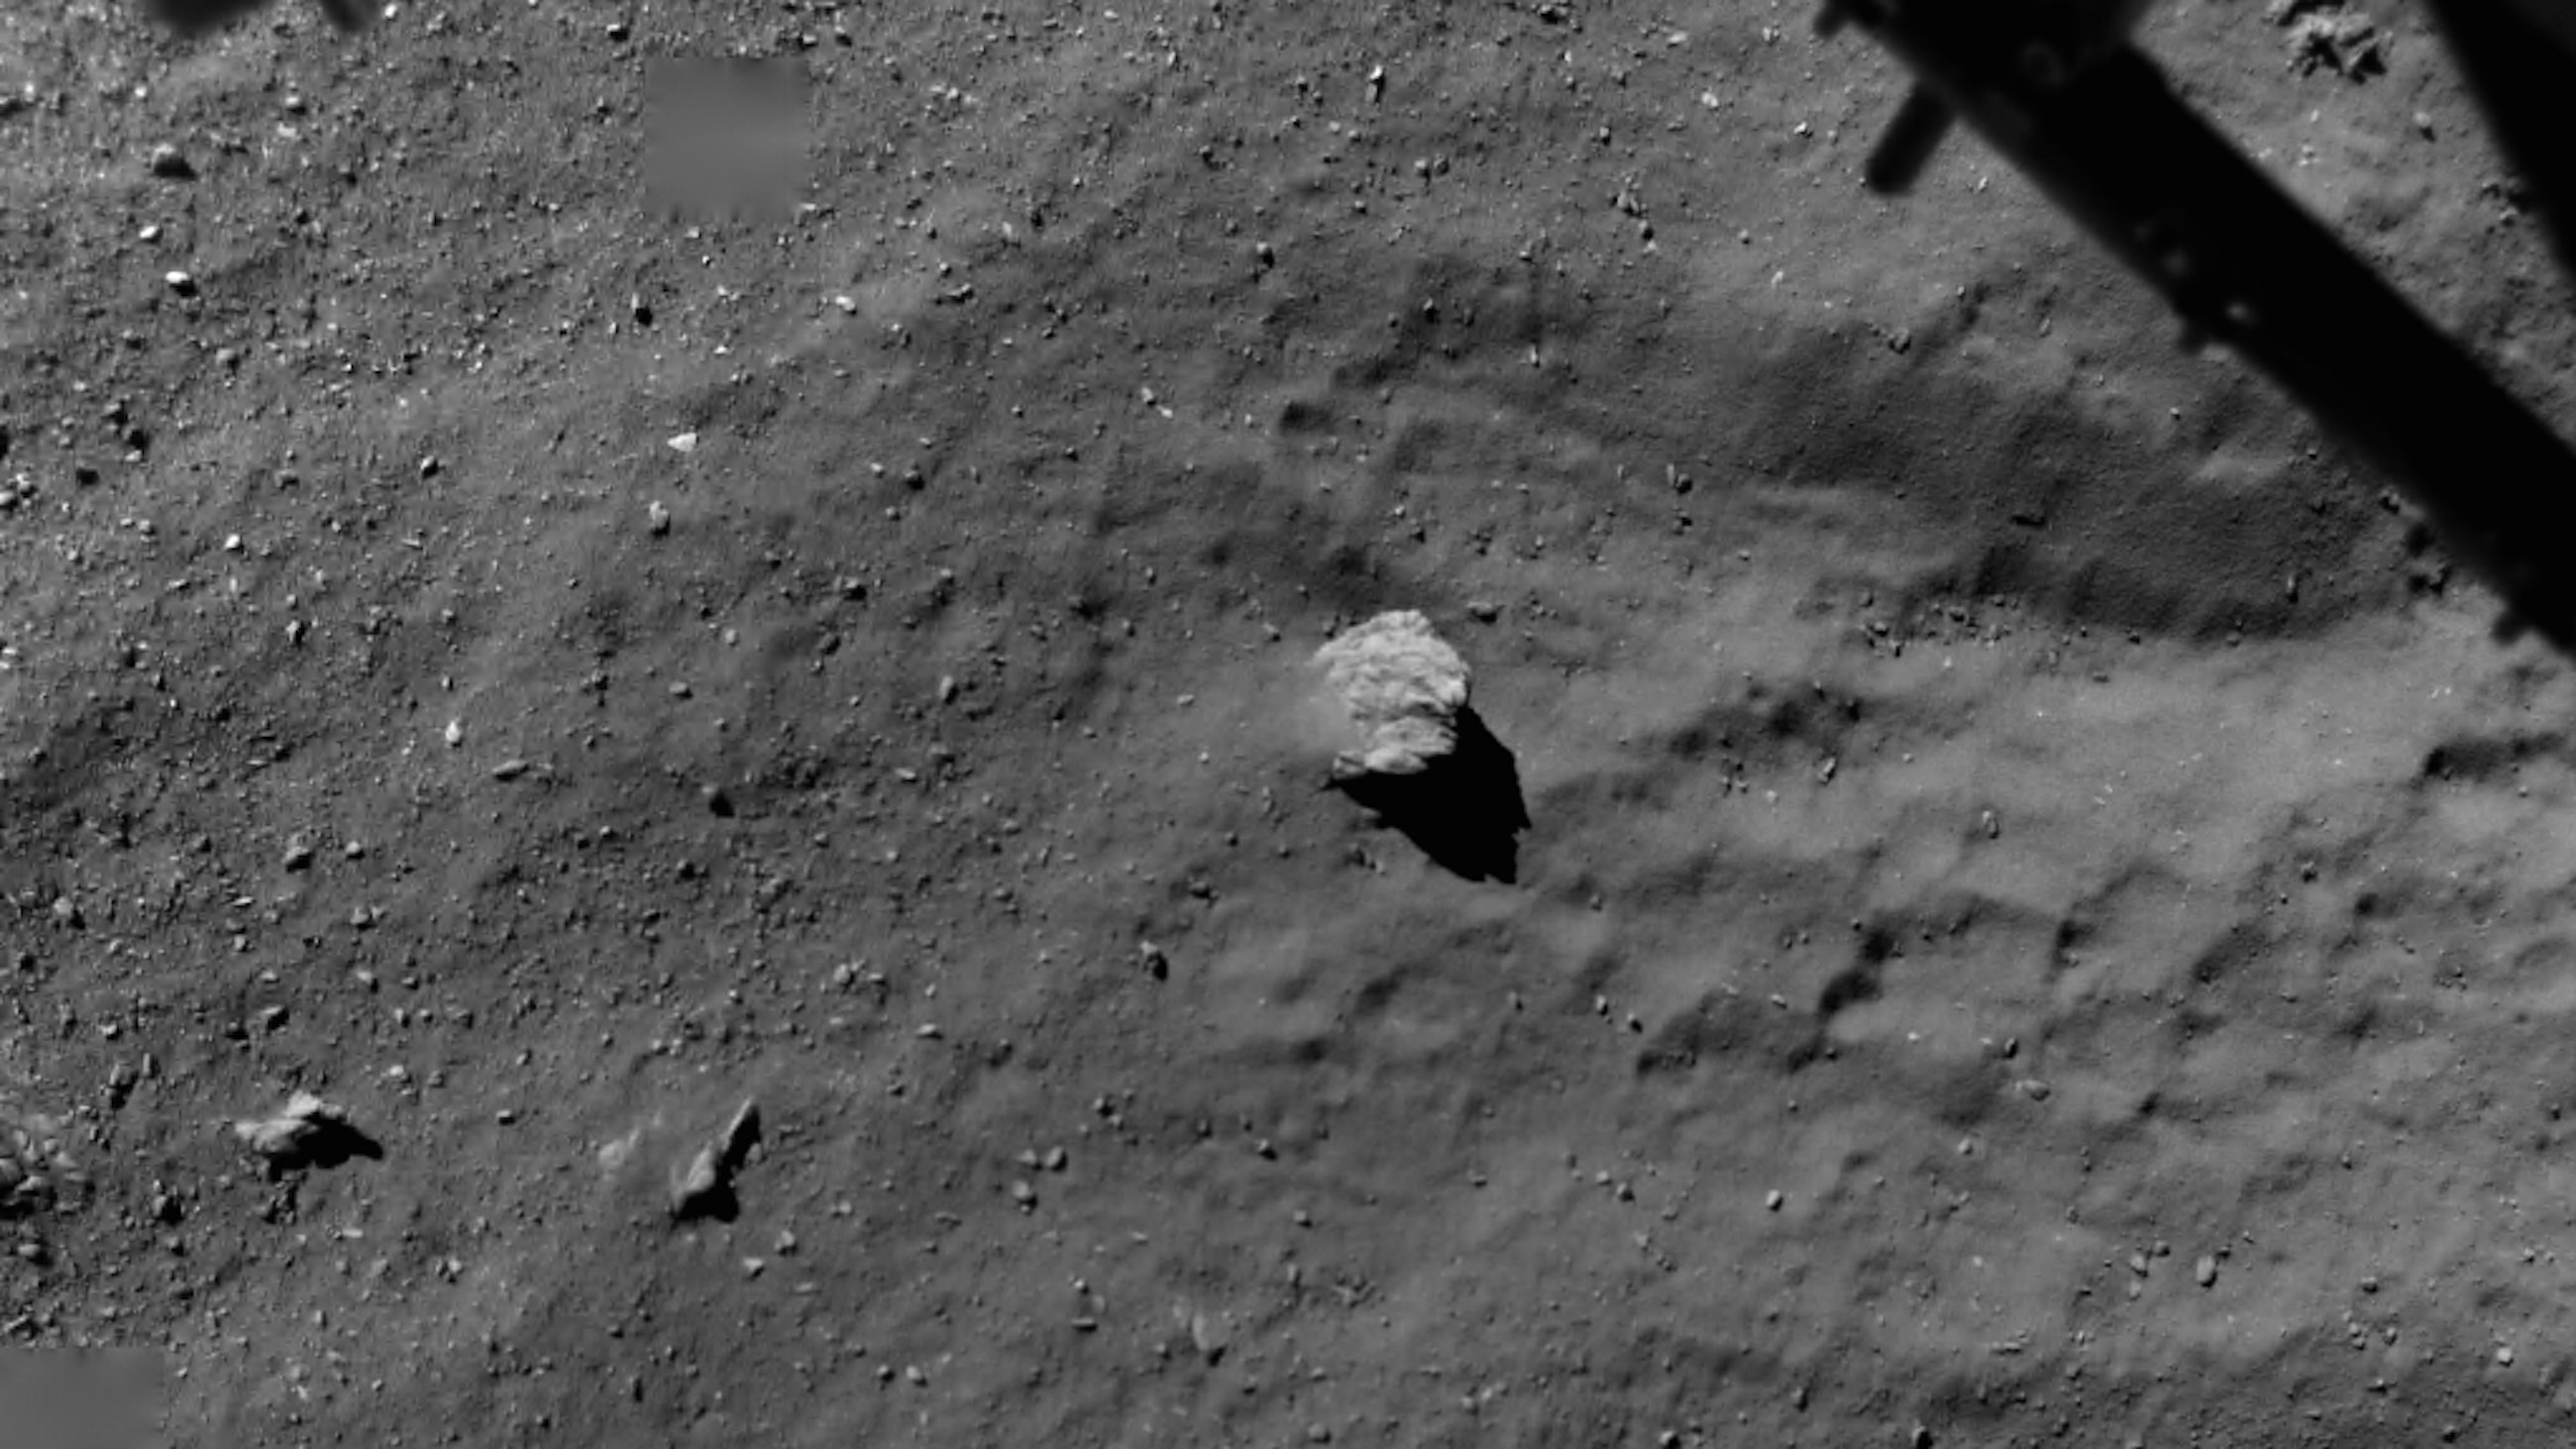 Blick aus 67,4 m Höhe auf Tschuri: Die Forscher haben auf dem Kometen einen Baukasten chemischer Verbindungen gefunden.